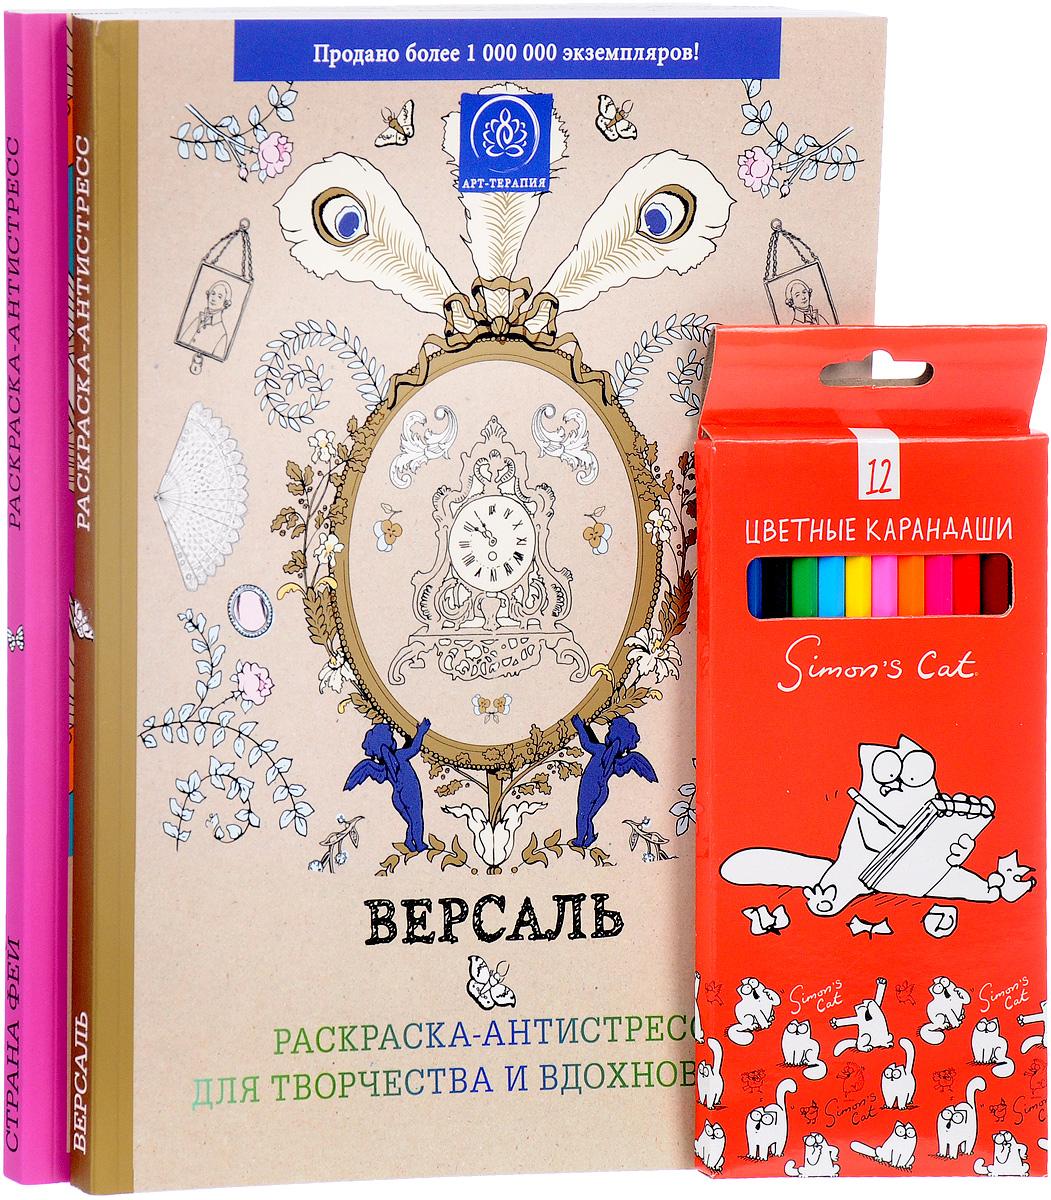 Версаль. Раскраска-антистресс для творчества и вдохновения. Страна фей. Раскраска-антистресс для творчества и вдохновения (комплект из 2 книг + цветные карандаши) волшебные миры большой комплект раскрасок для вдохновения 9 метров комплект из 6 книг isbn 9785170925551